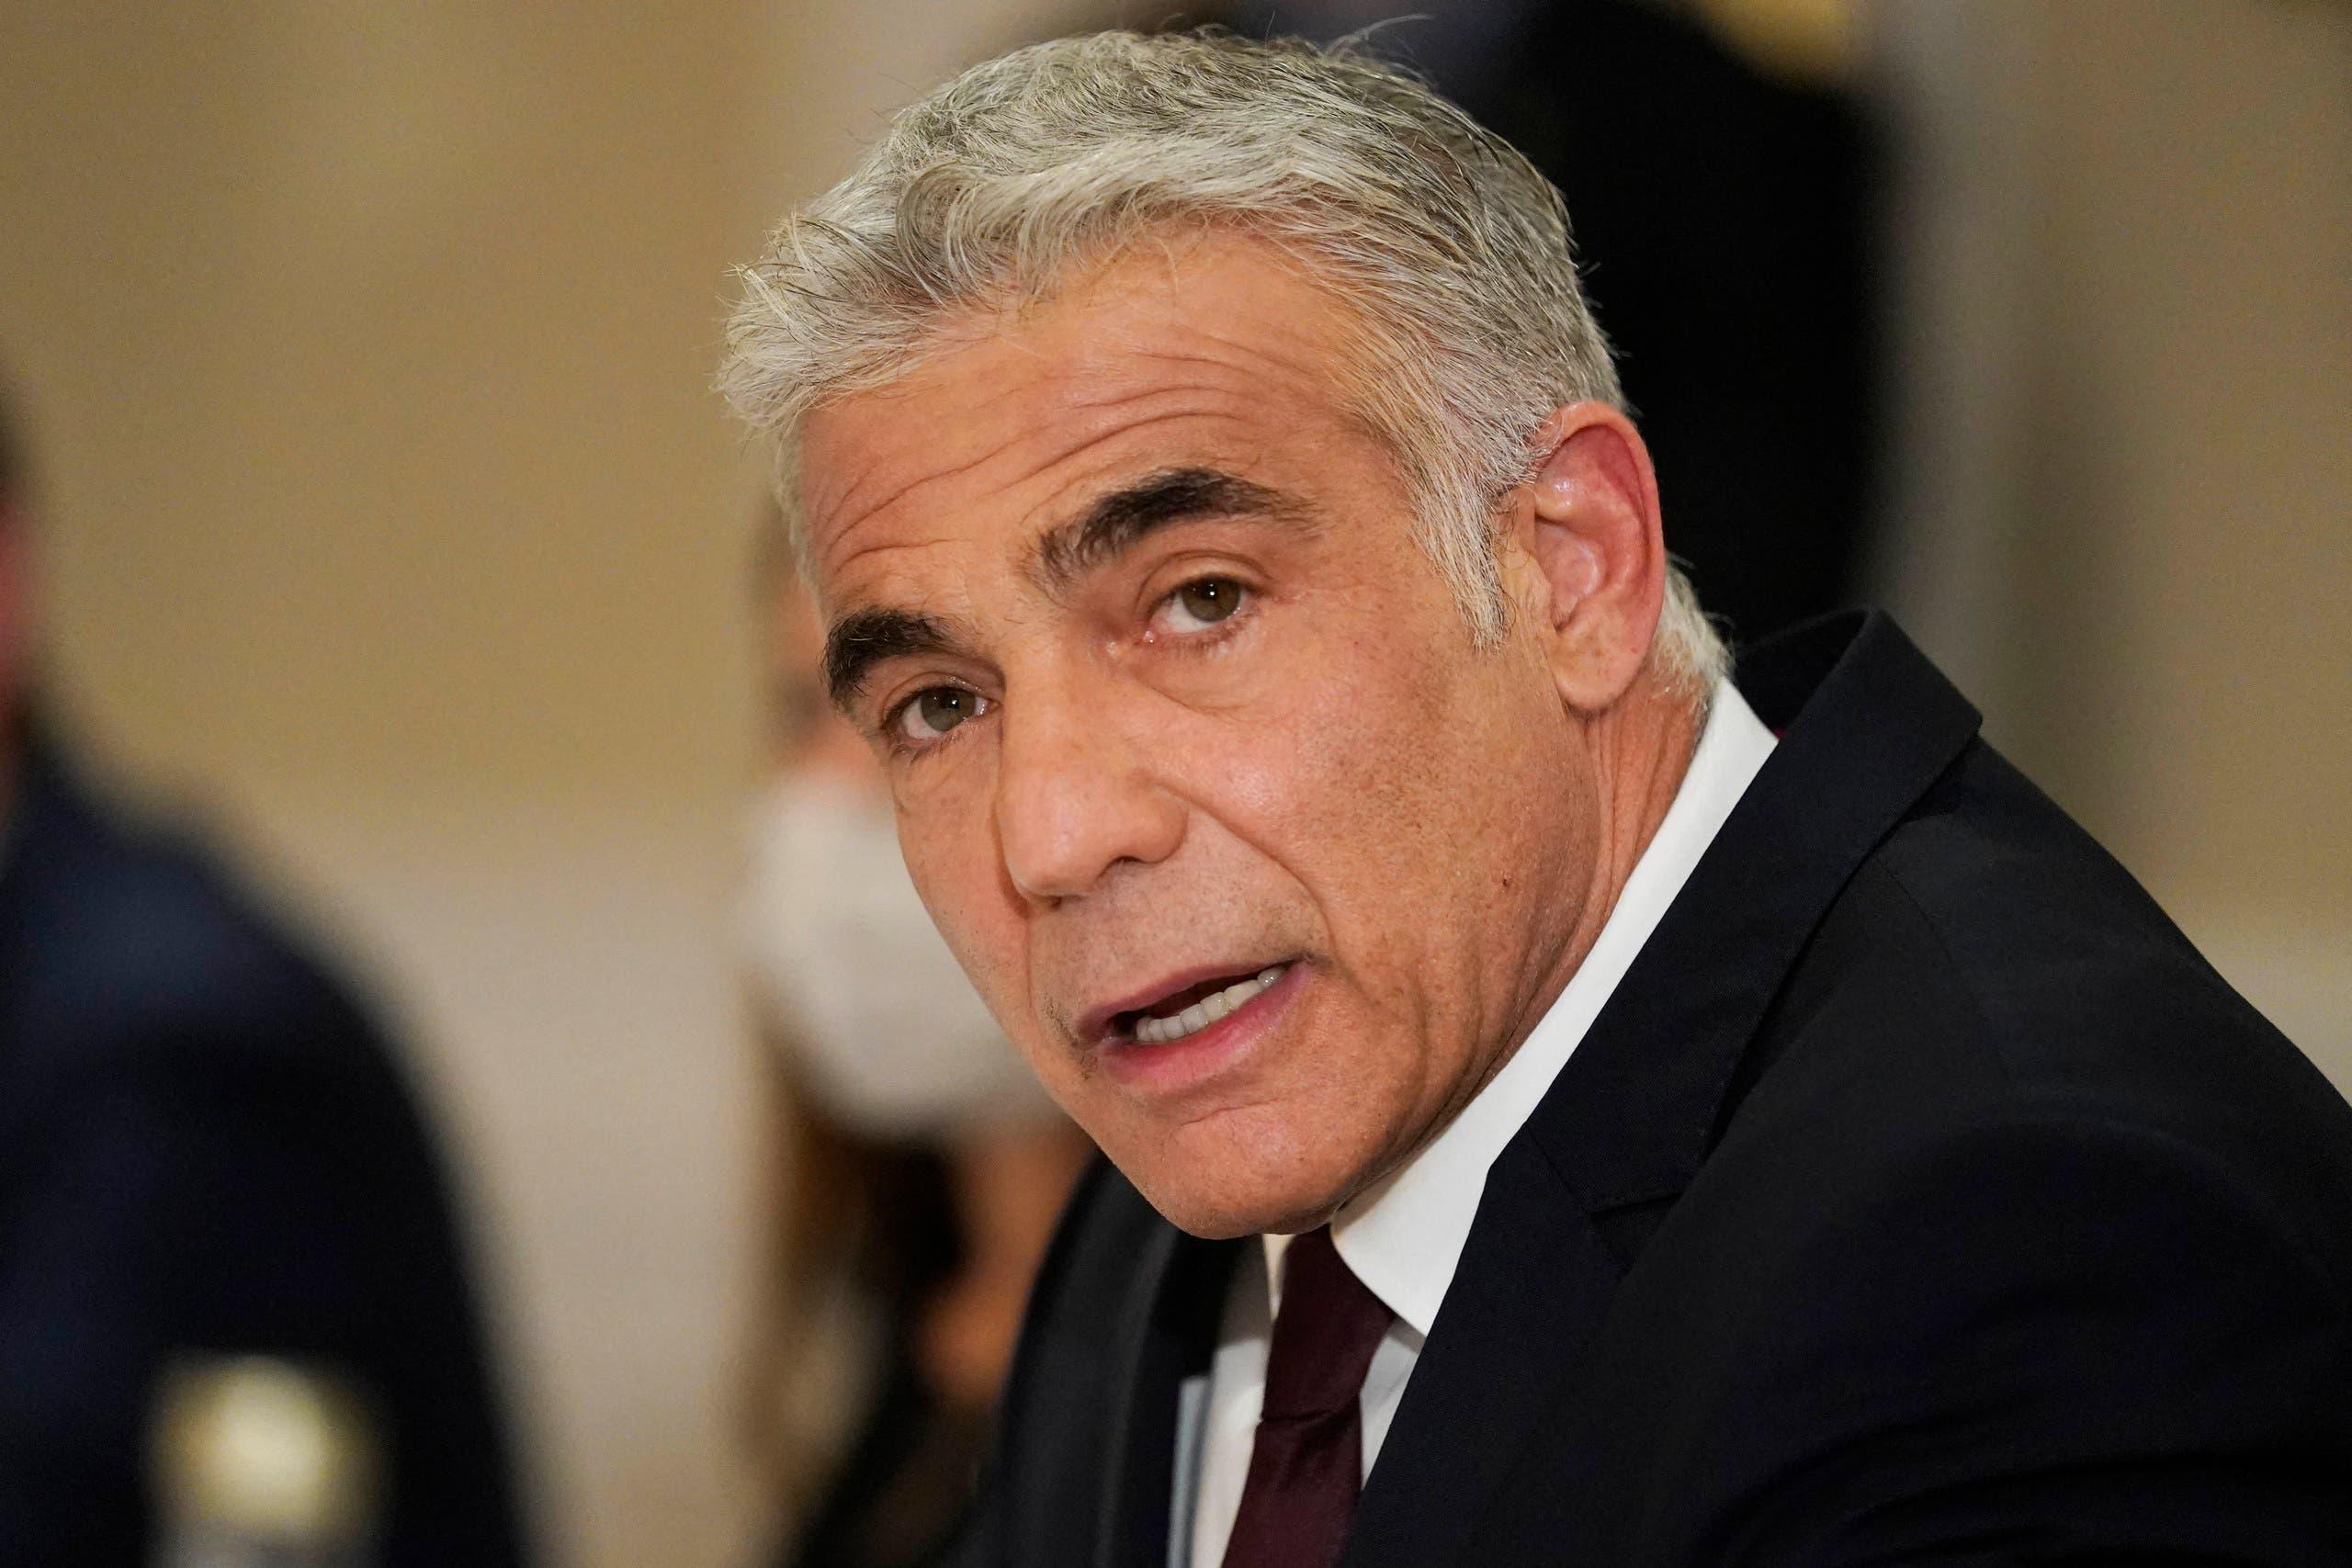 وزير الخارجية الإسرائيلي، يائير لابيد(أرشيفية- فرانس برس)